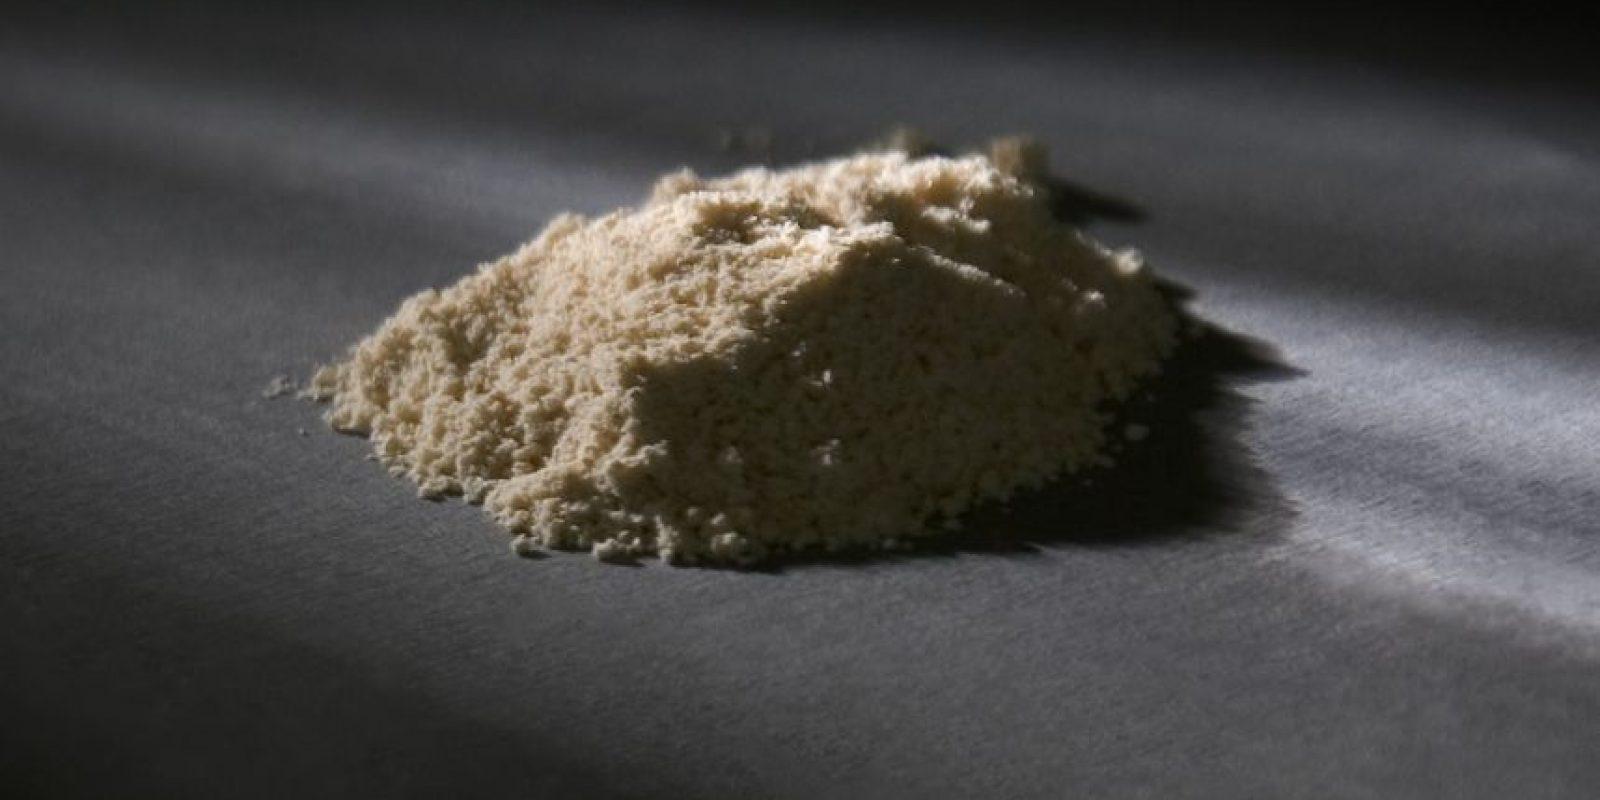 Es un opioide sintético capaz de causar paros respiratorios y gangrena. Foto:unodc.org